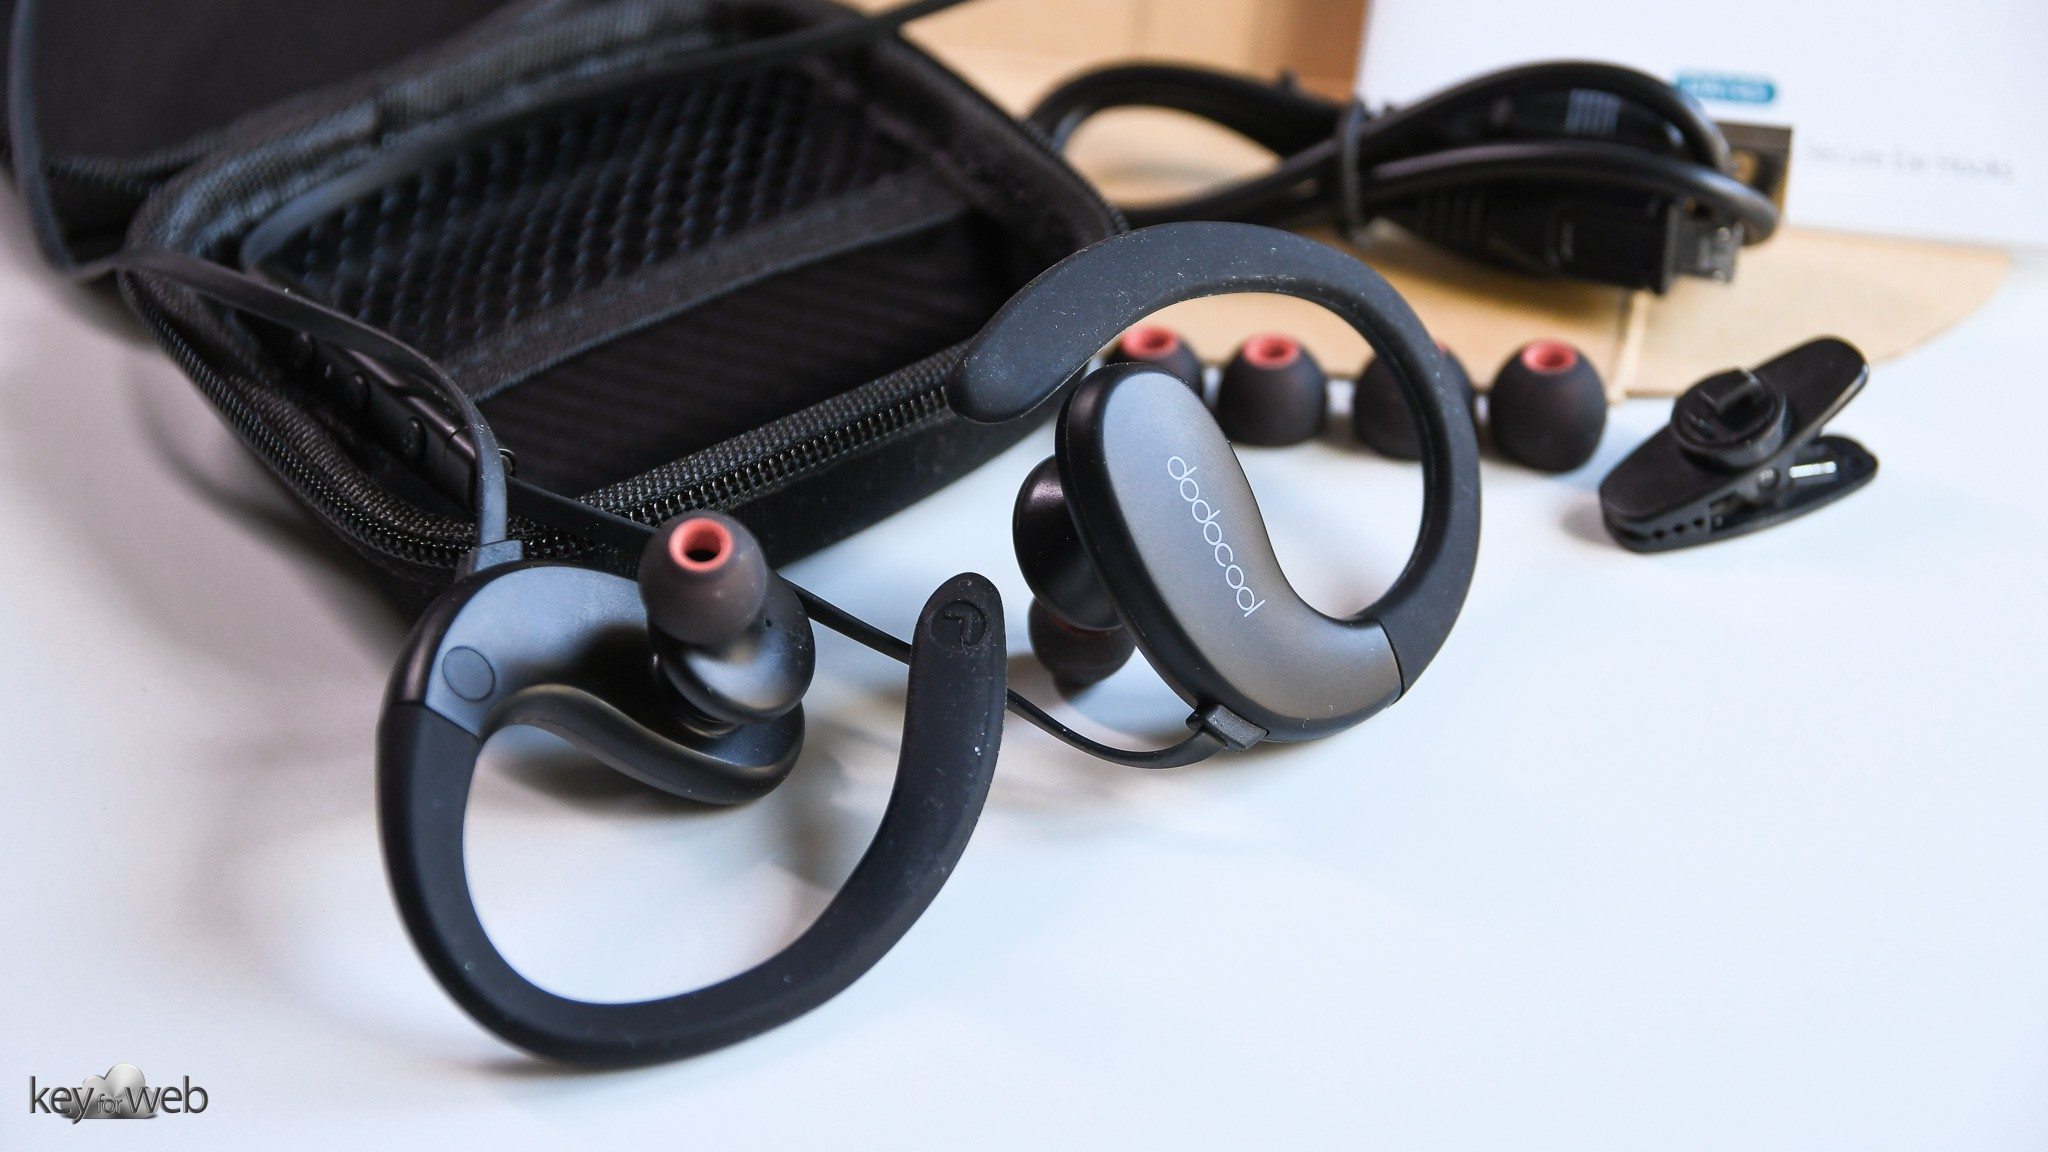 Recensione Dodocool-DA143, auricolari sportivi stereo bluetooth